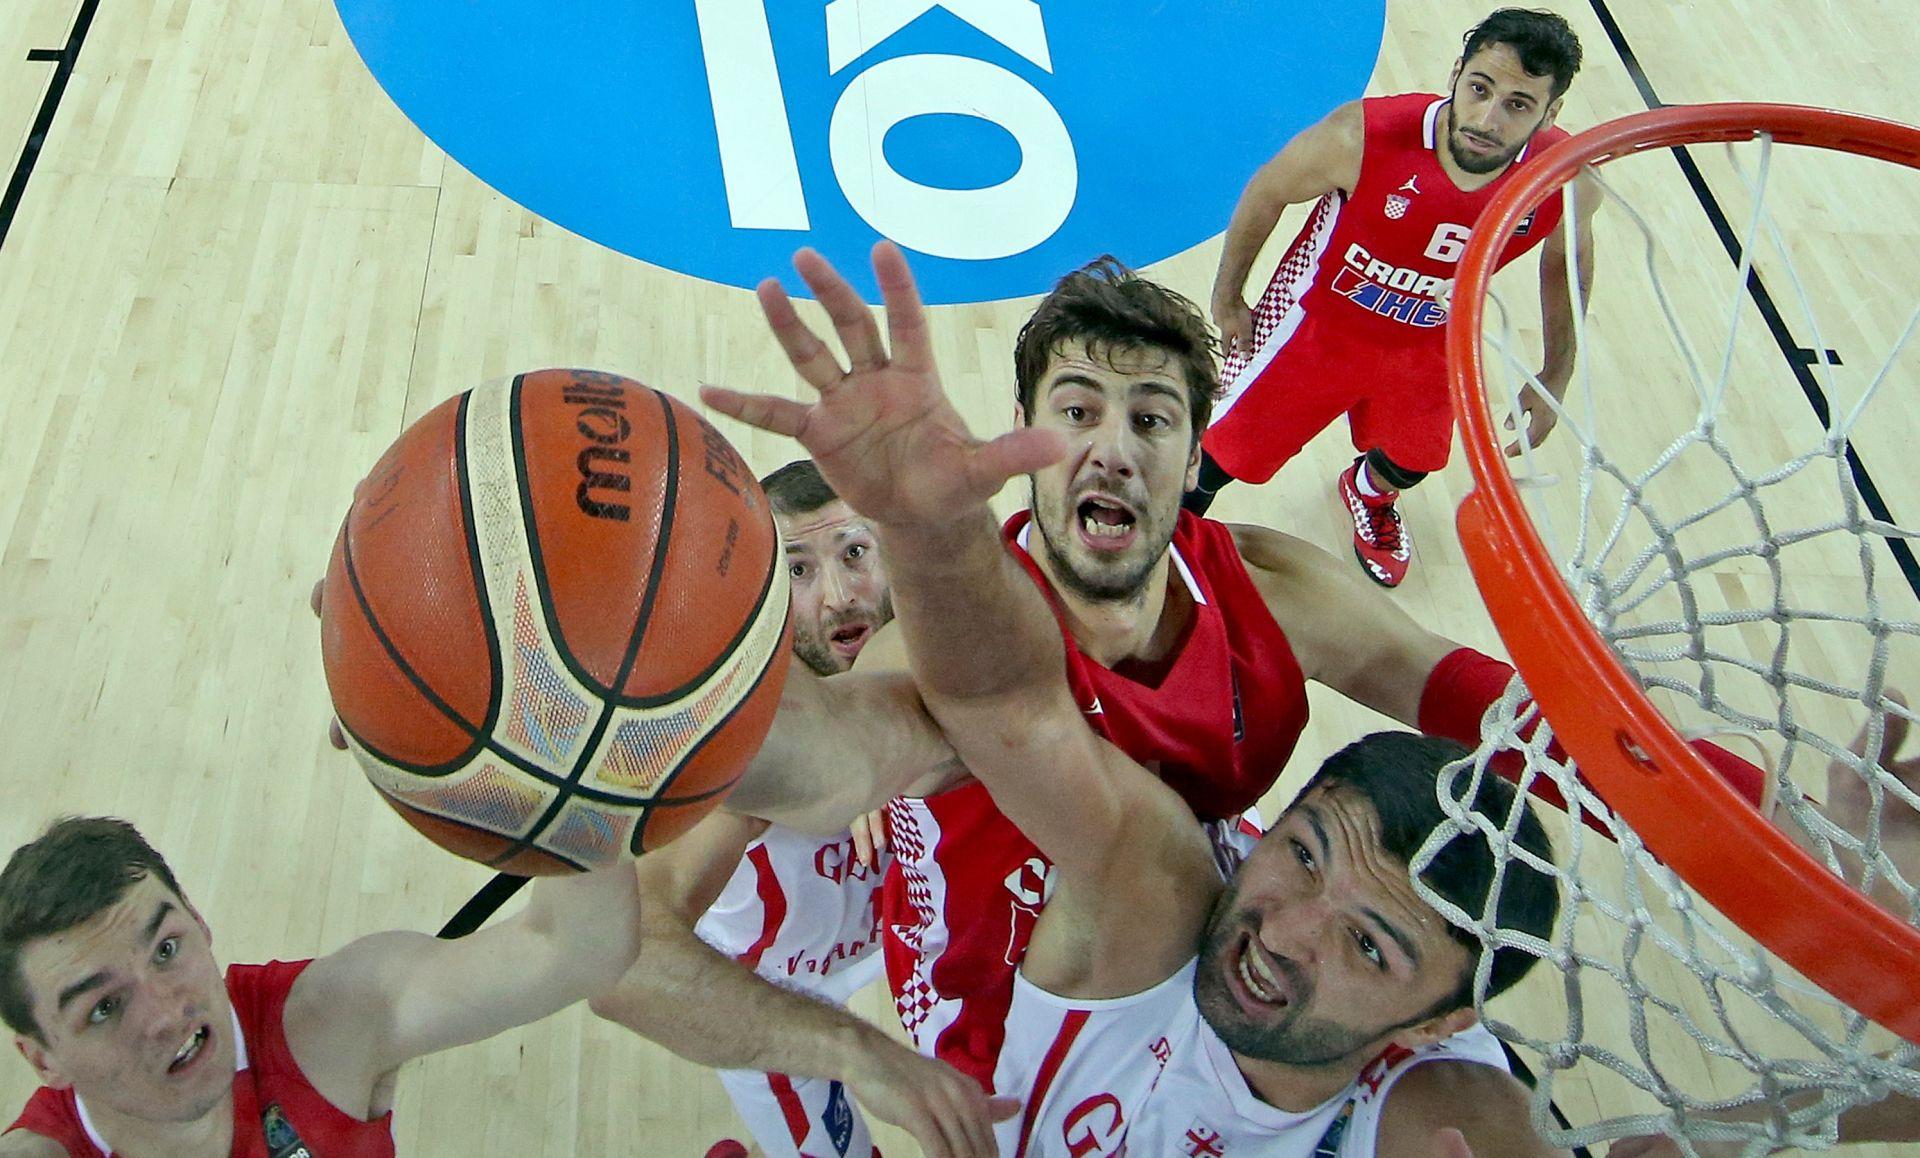 NBA: Osam koševa i Hezonje i Bogdanovića